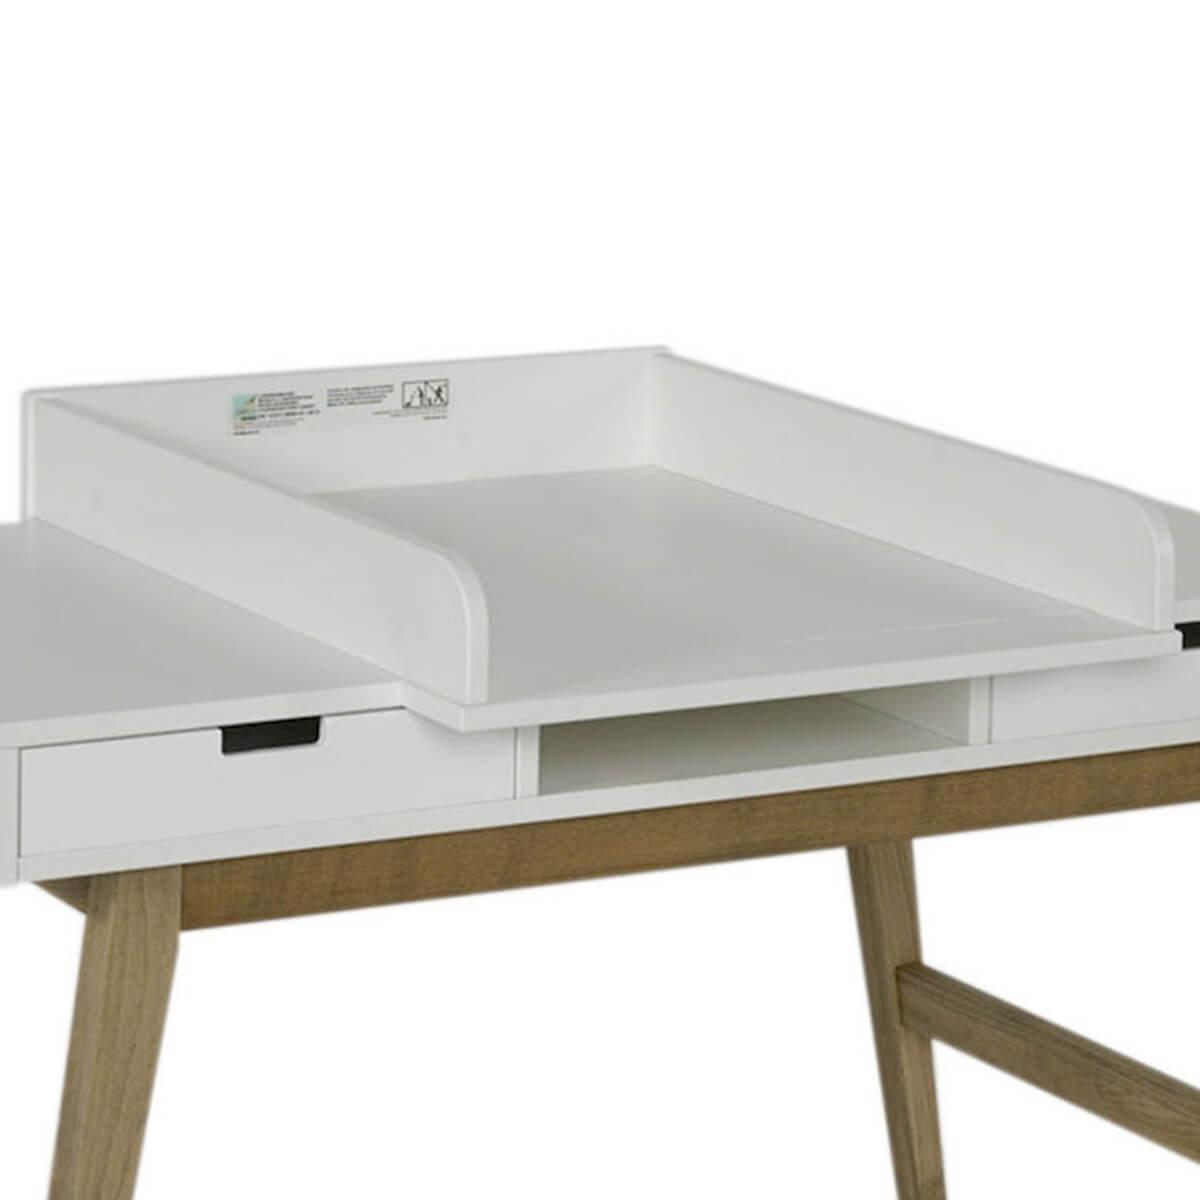 Tabla cambiador escritorio TRENDY Quax blanco